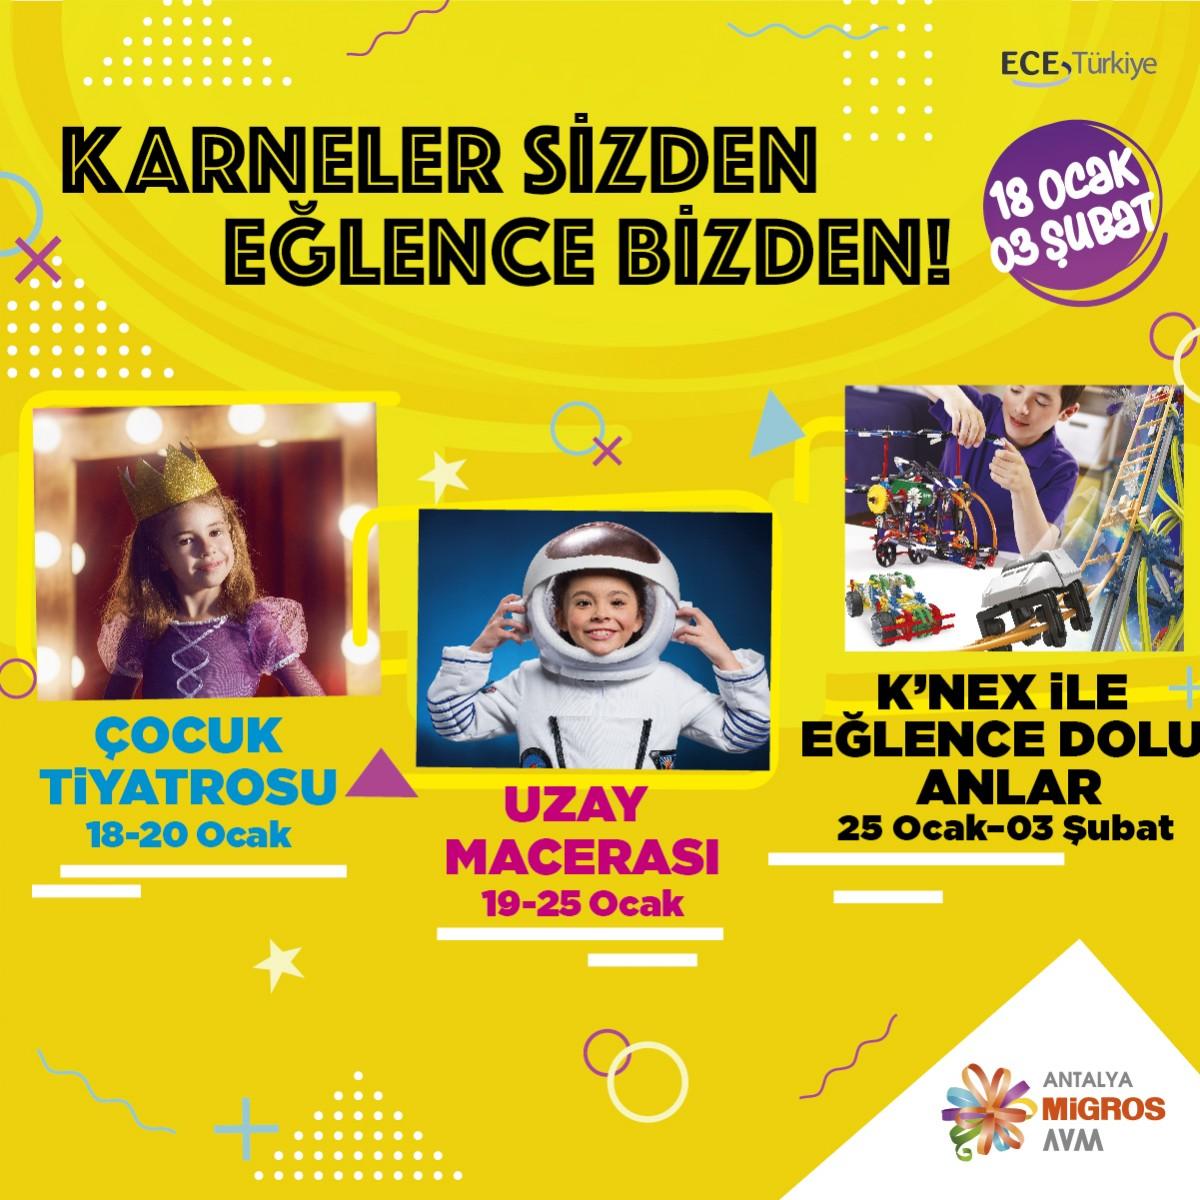 Karneler sizden eğlence bizden! 18 Ocak - 03 Şubat tarihleri arası #SömestrTatili programınız #AntalyaMigros AVM'de!